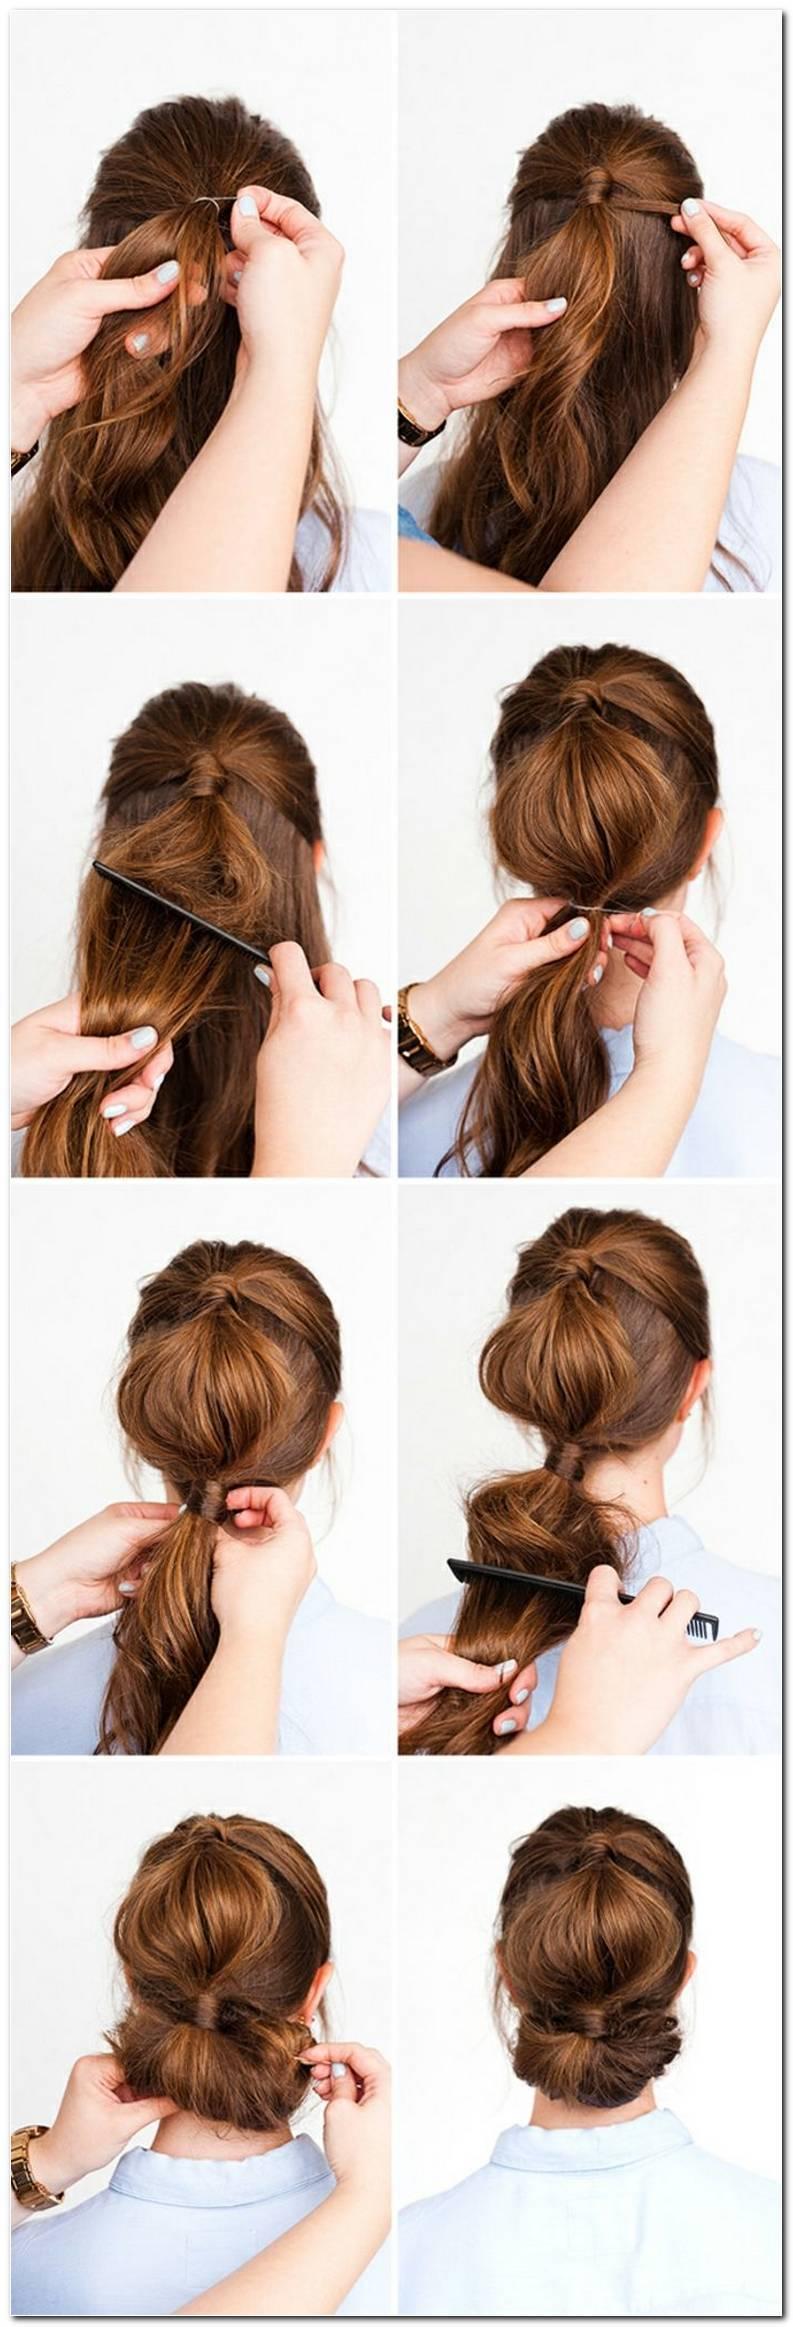 Frisuren Anleitung Mit Bildern